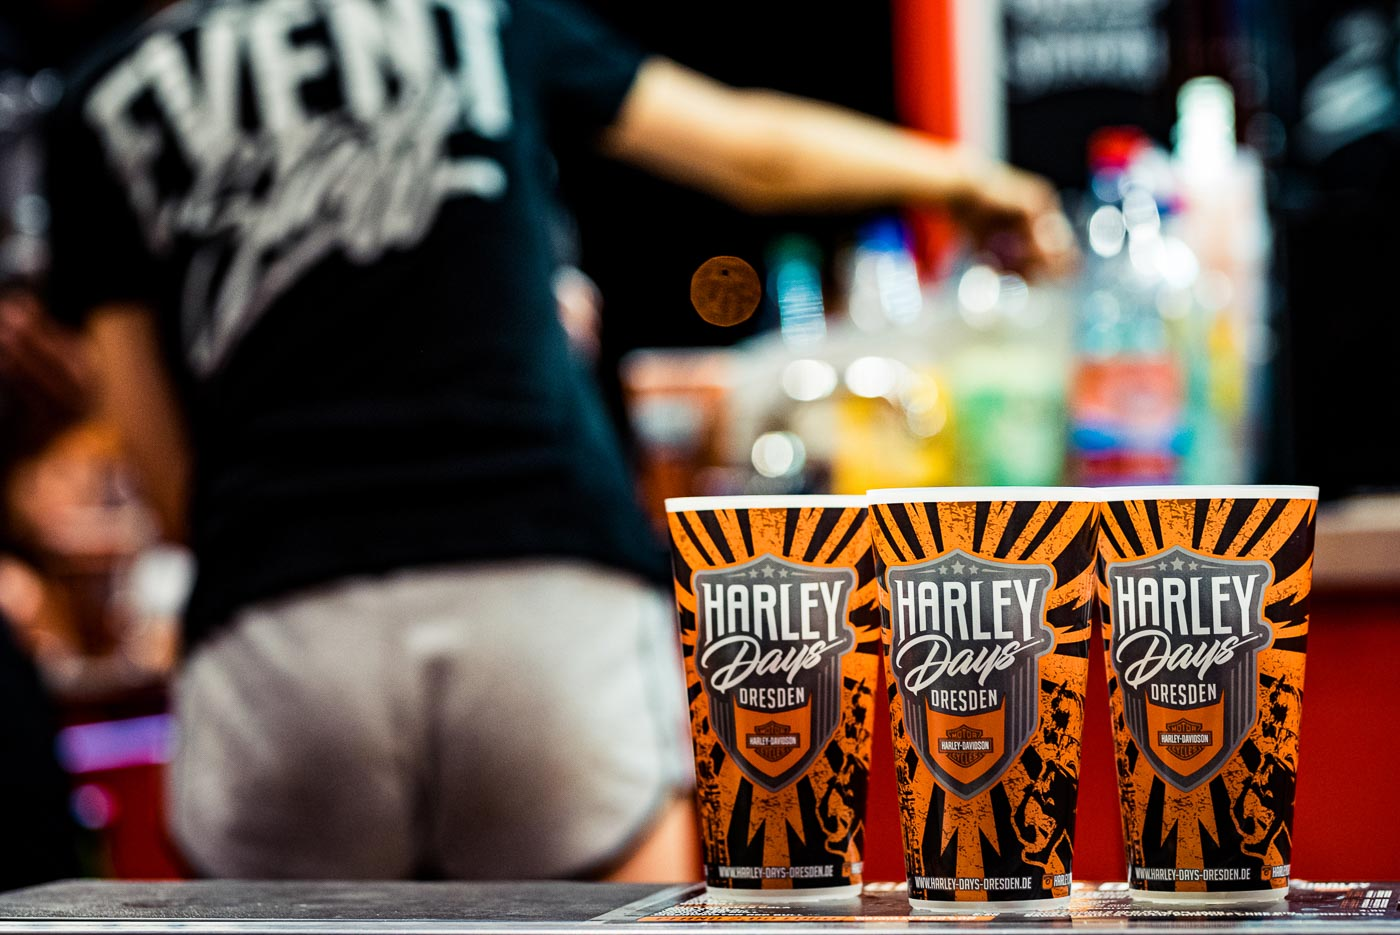 Das sind die Harley Days® Dresden 2021 1